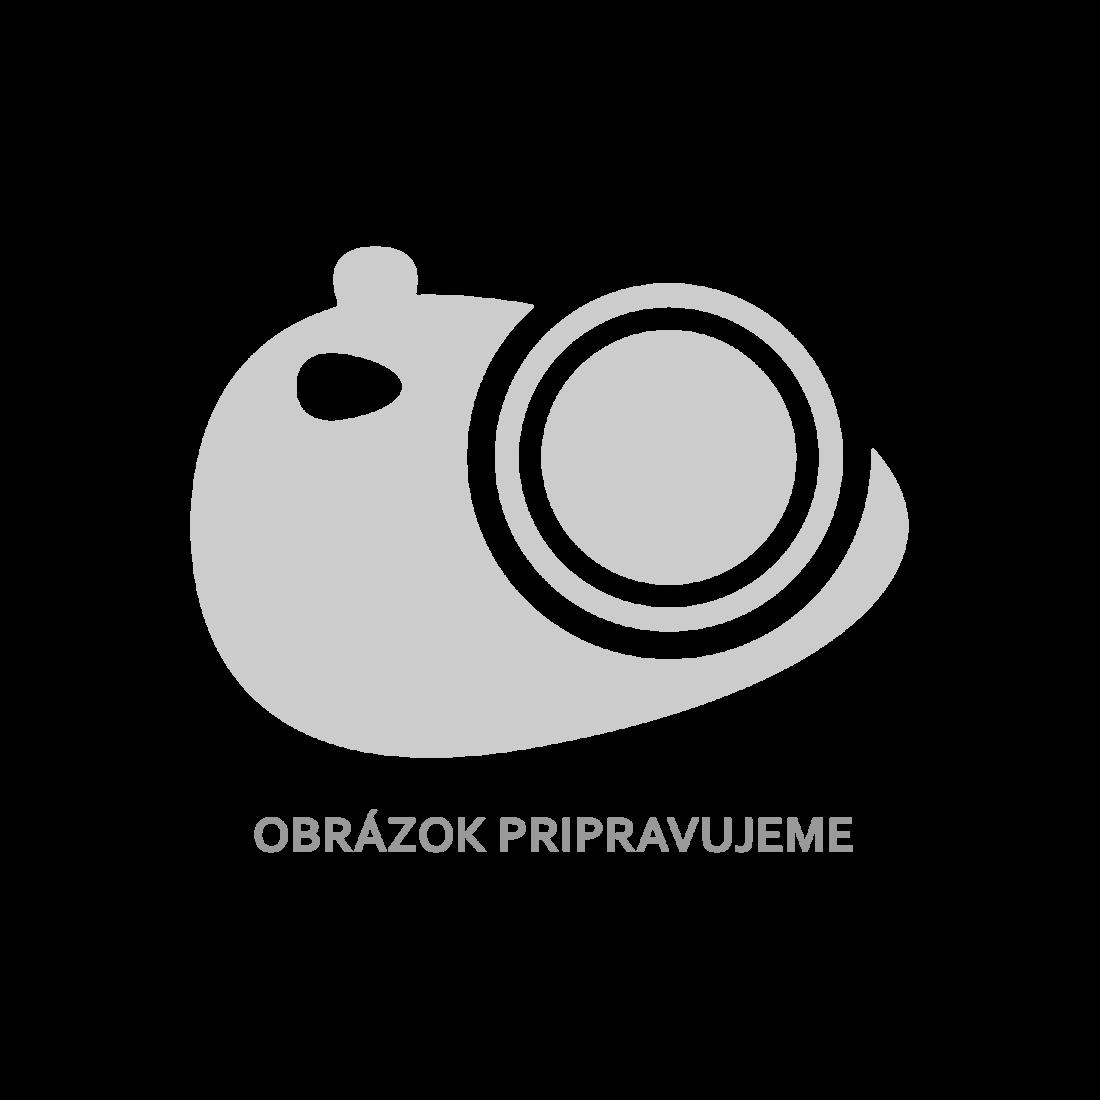 vidaXL 4 výškově nastavitelné stolové nohy broušený nikl 1100 mm [242147]